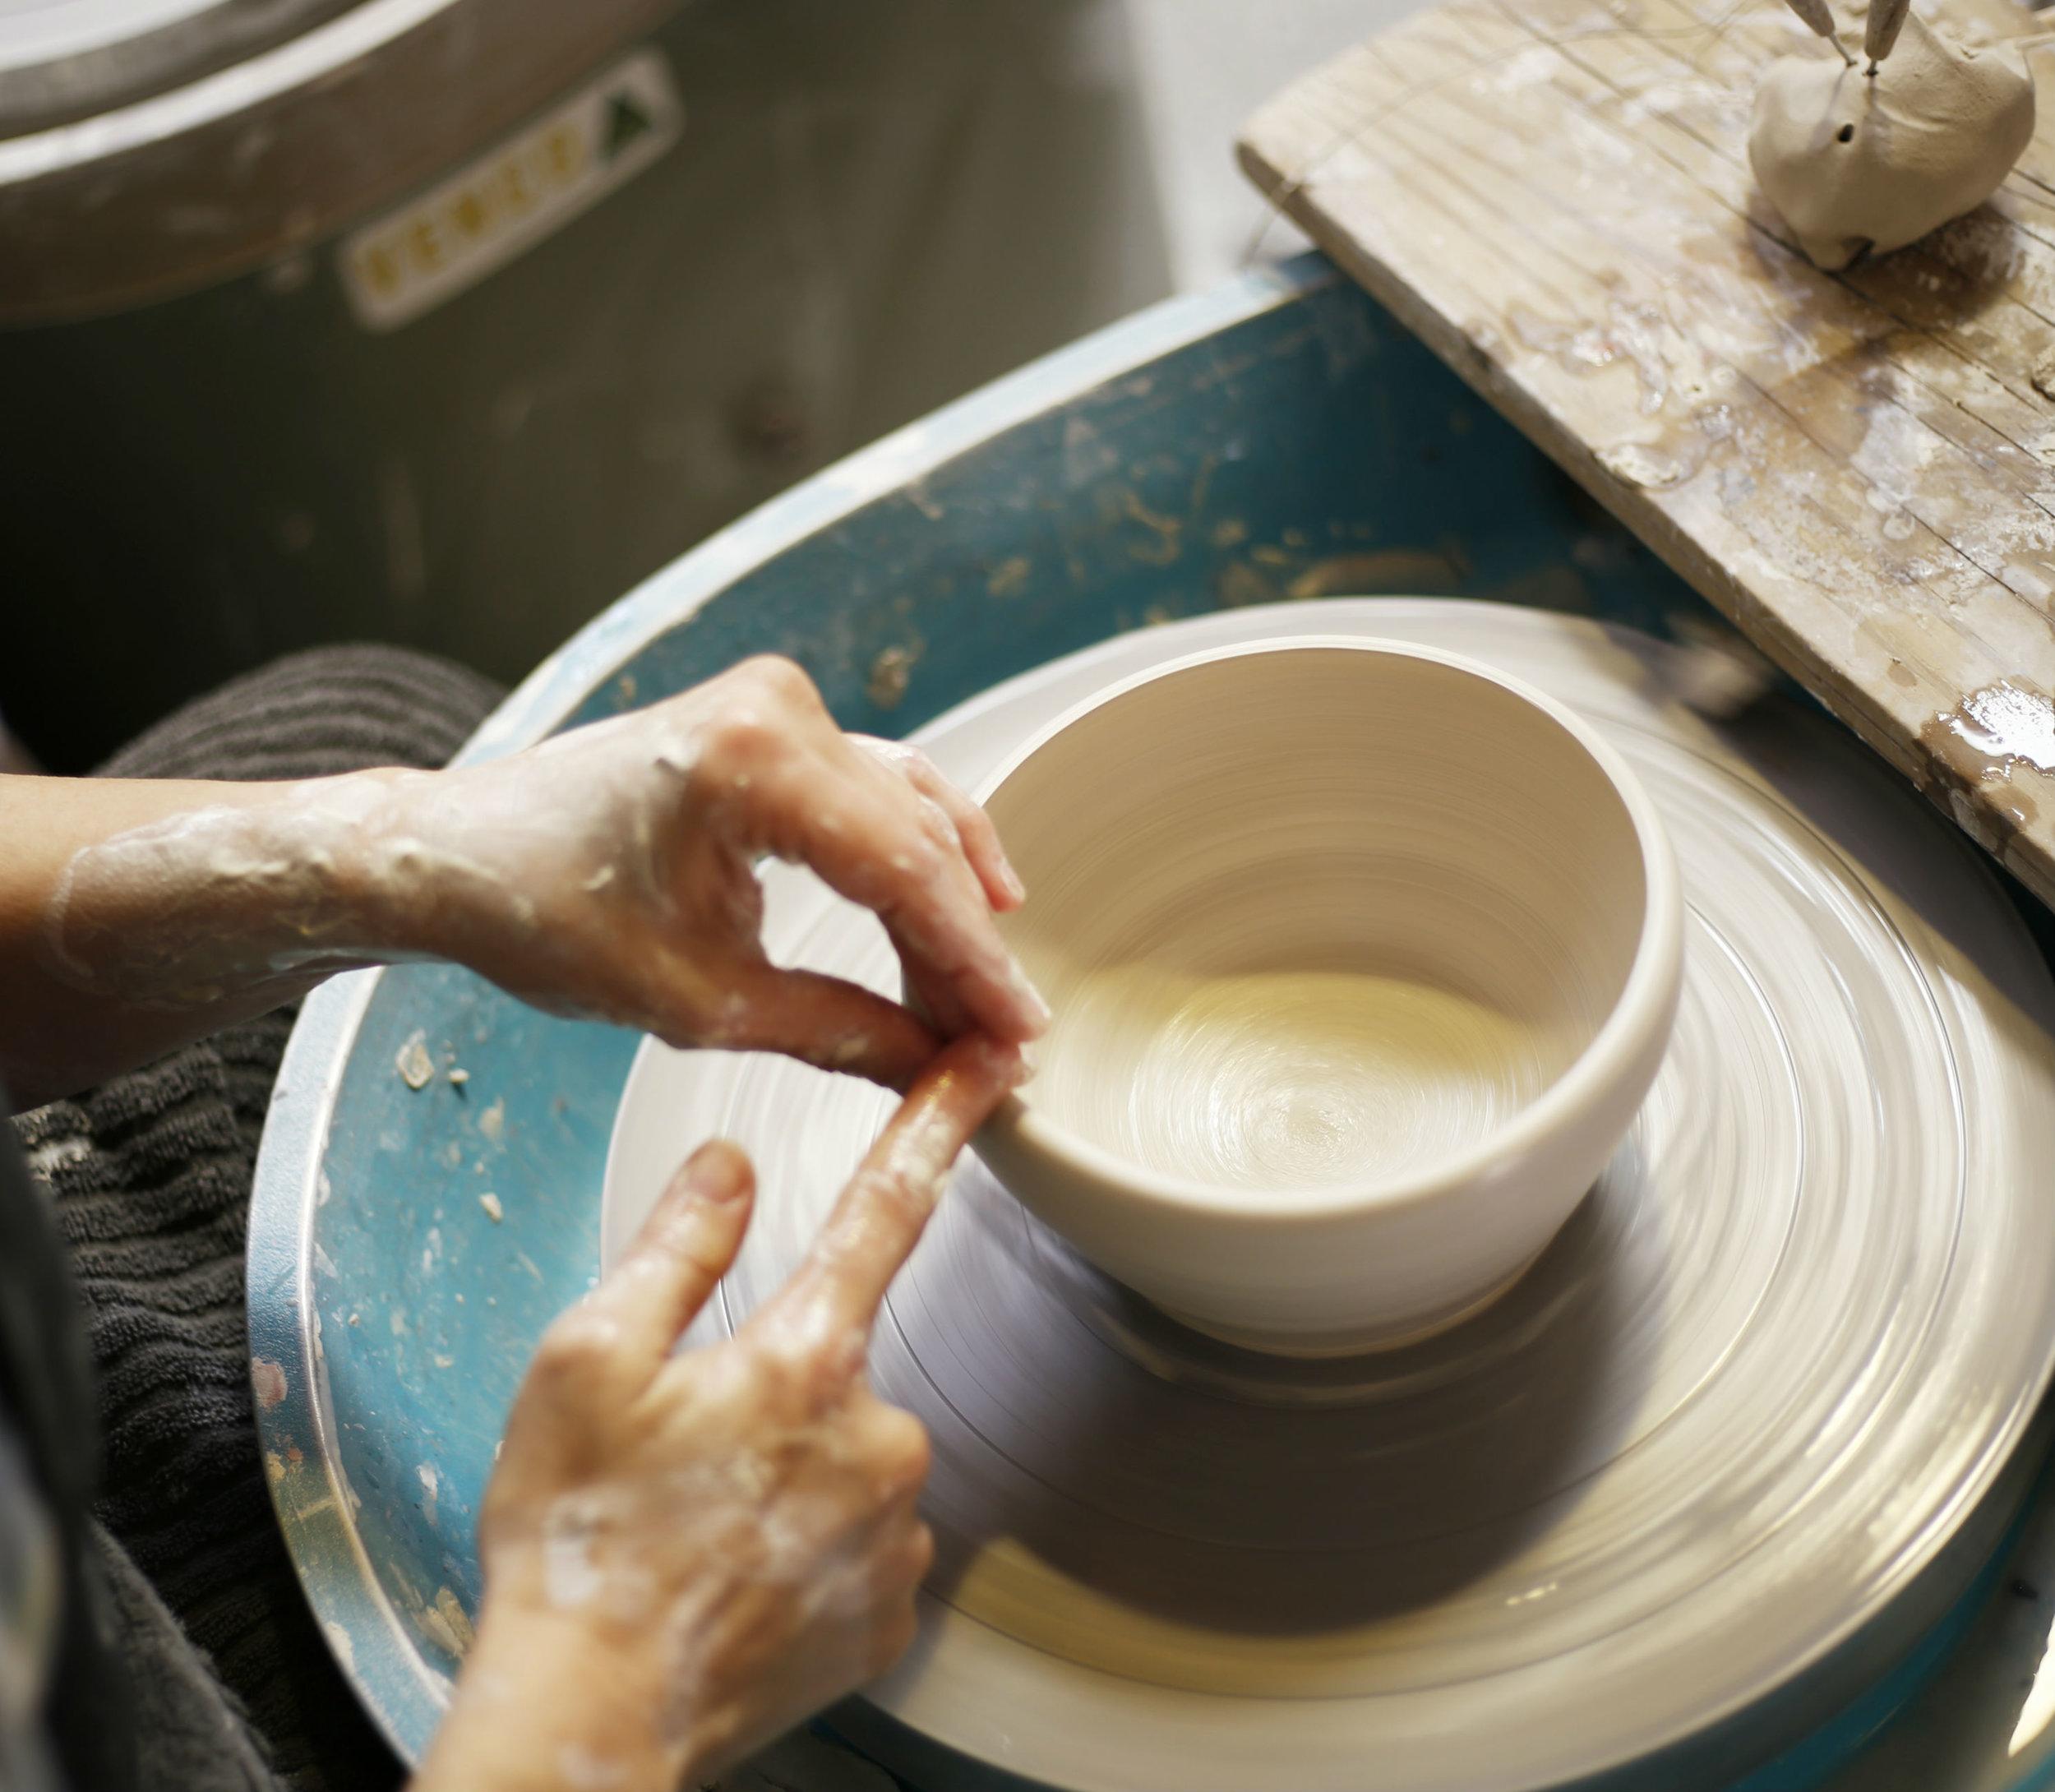 northcote_pottery_image_1.jpg